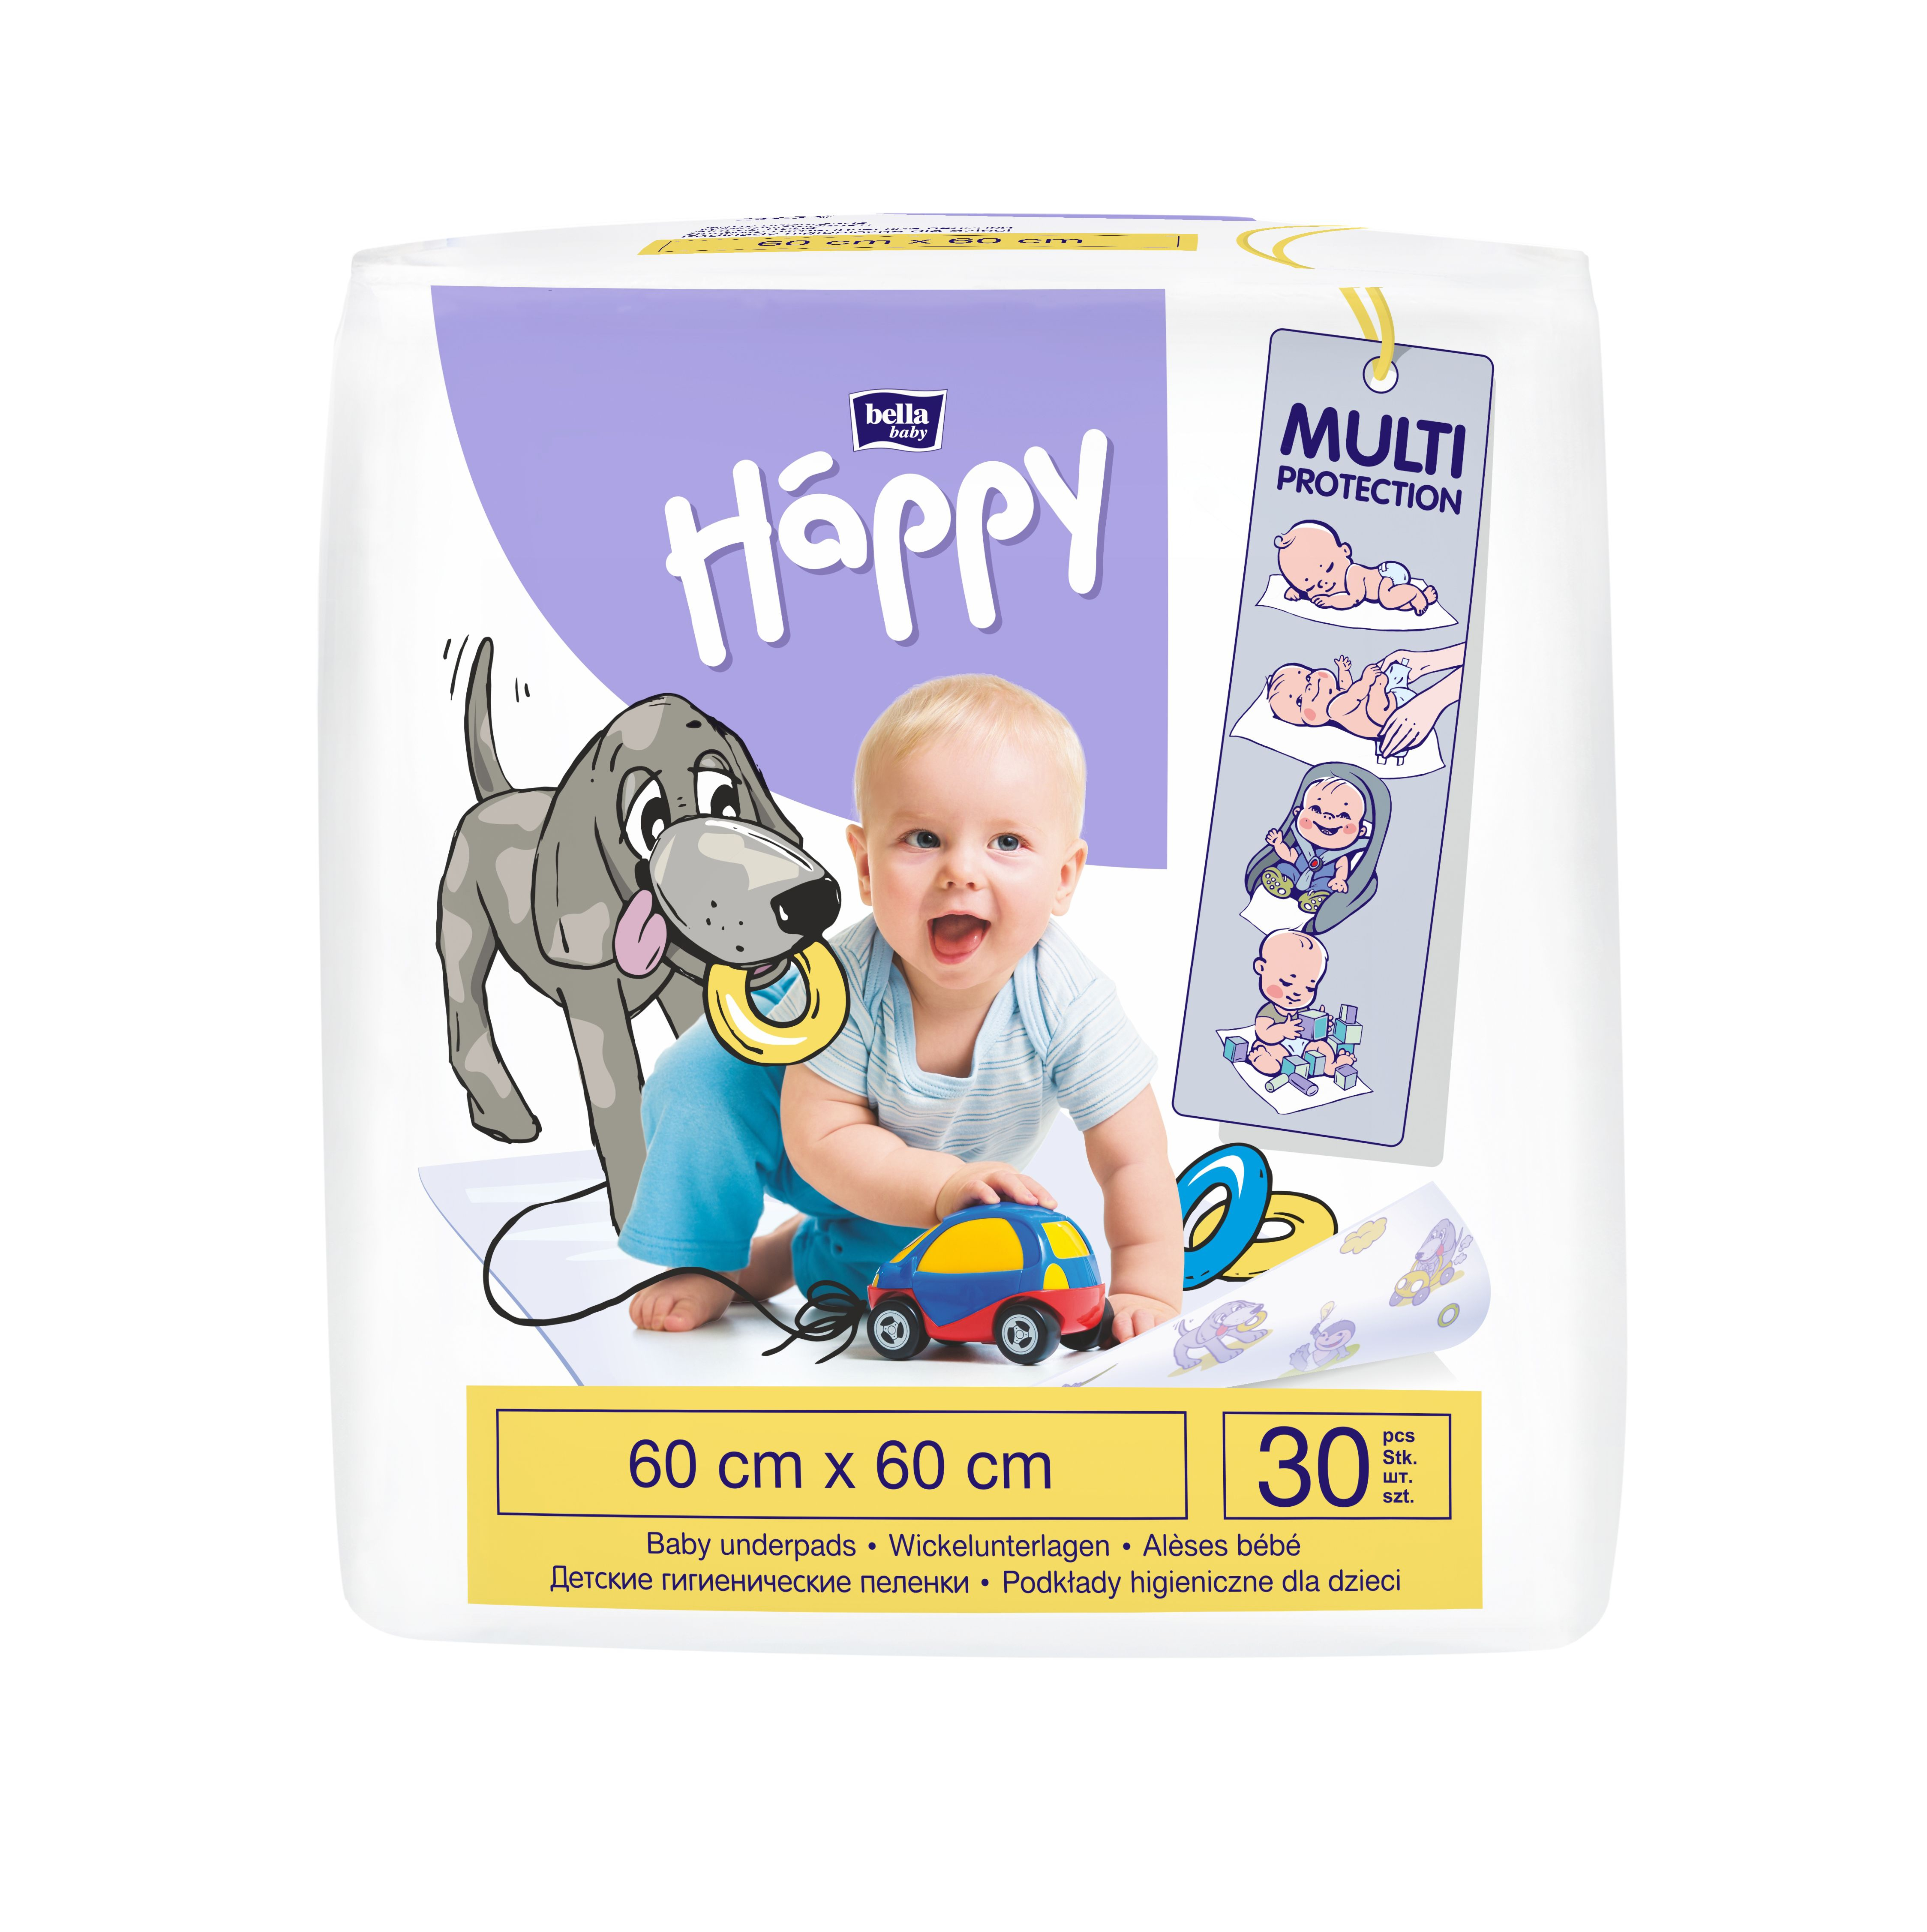 Bella Baby Happy Přebalovací podložky 60x60 cm 30 ks